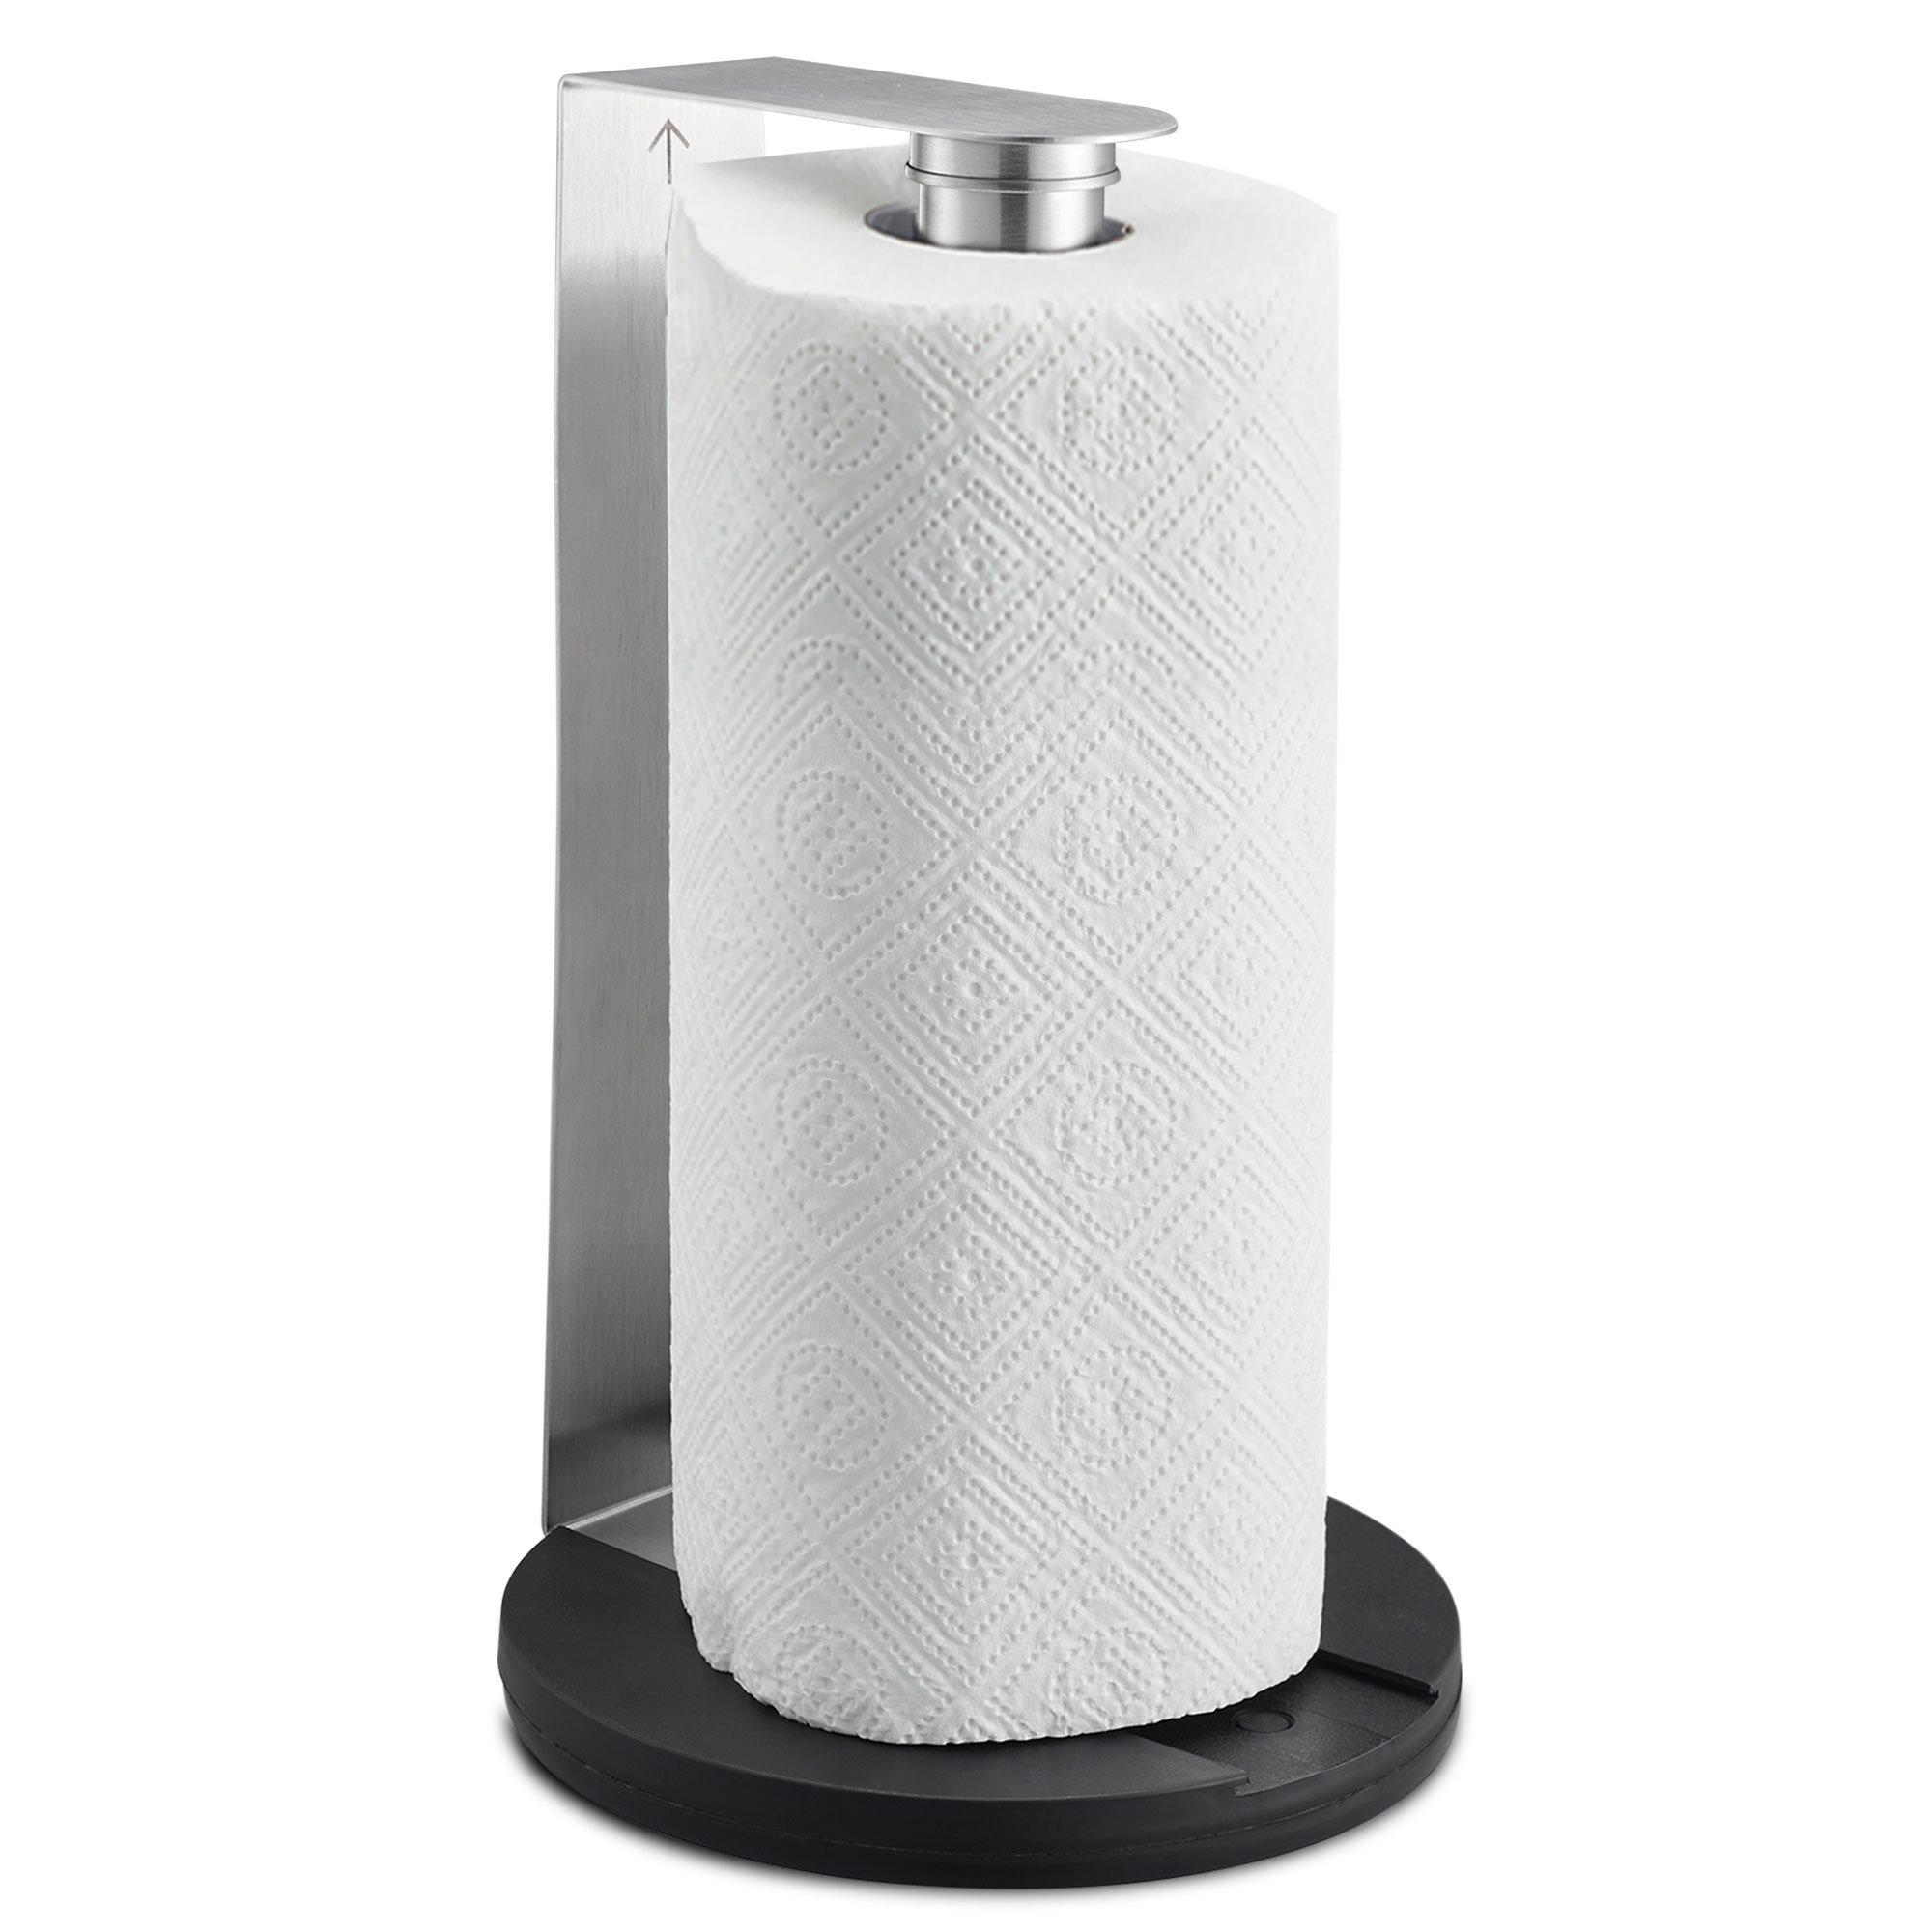 SILBERTHAL Soporte rollo papel cocina | Portarrollos de cocina pared | Portarrollo de papel de cocina